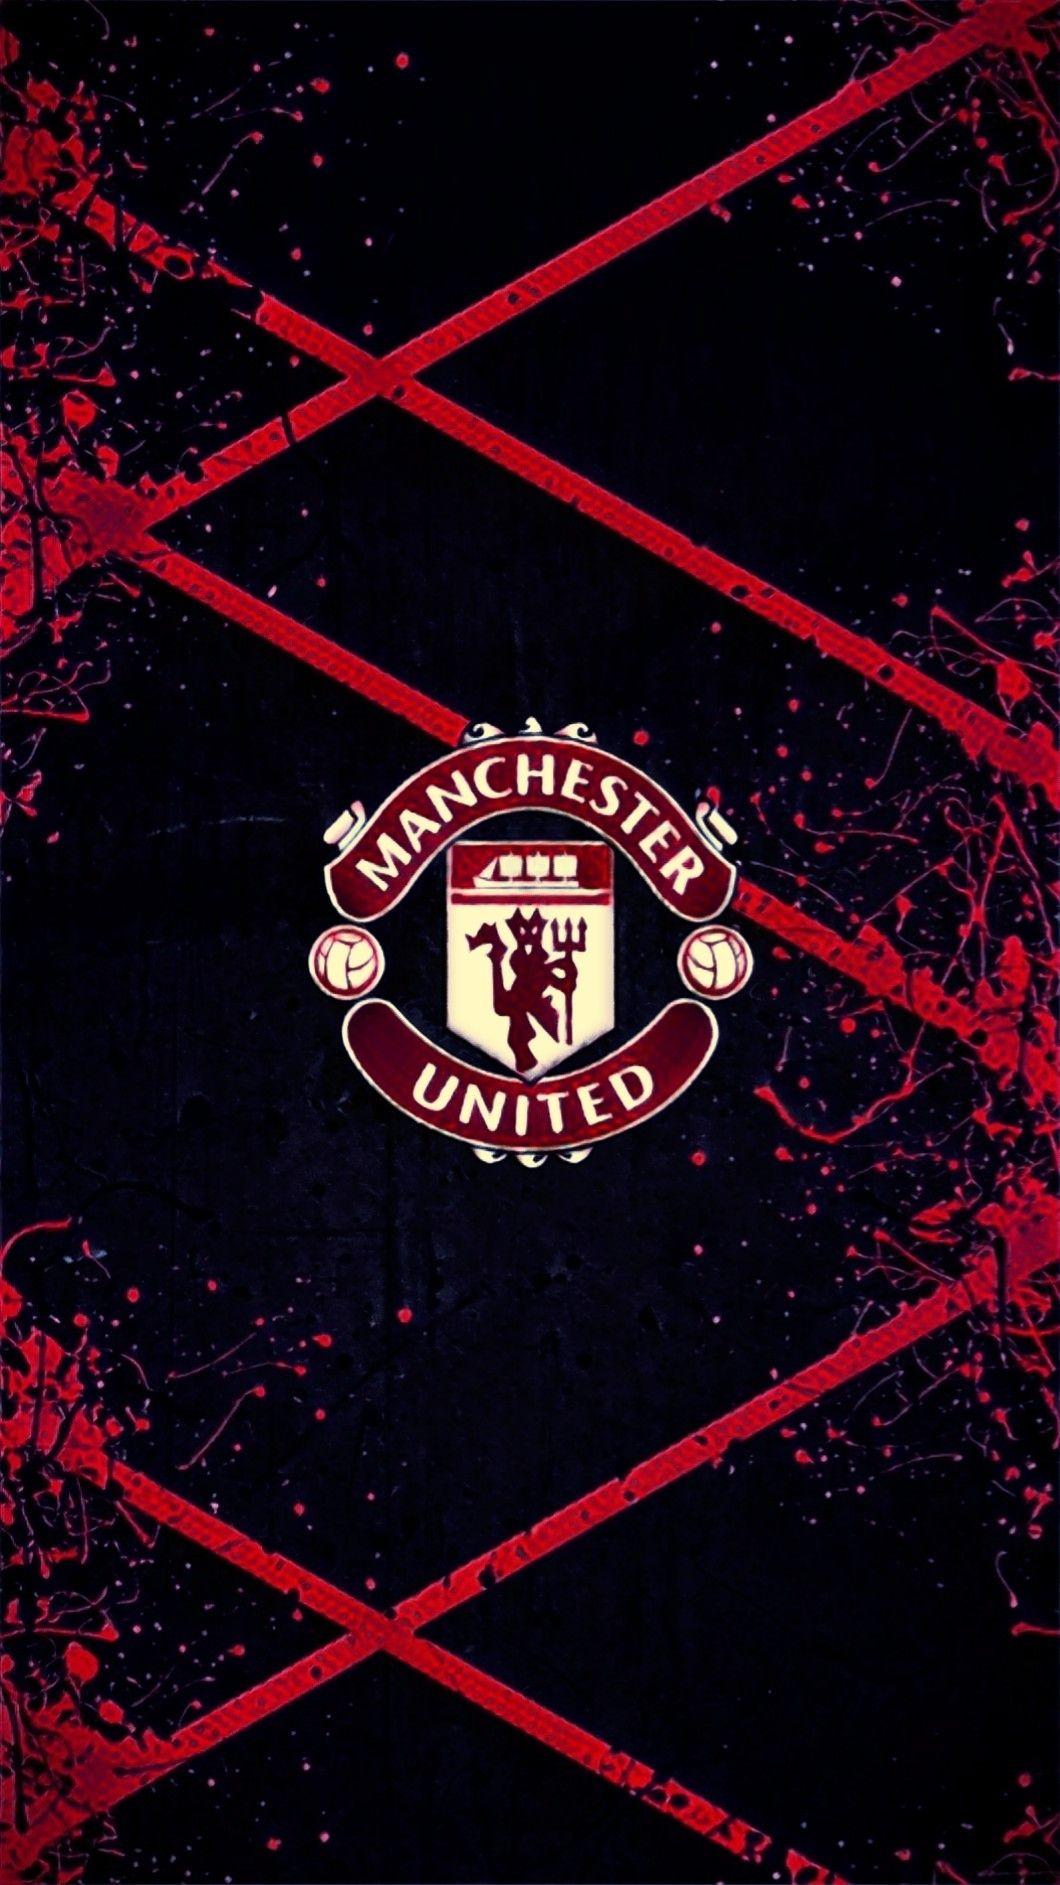 Manchester United Di 2021 Sepak Bola